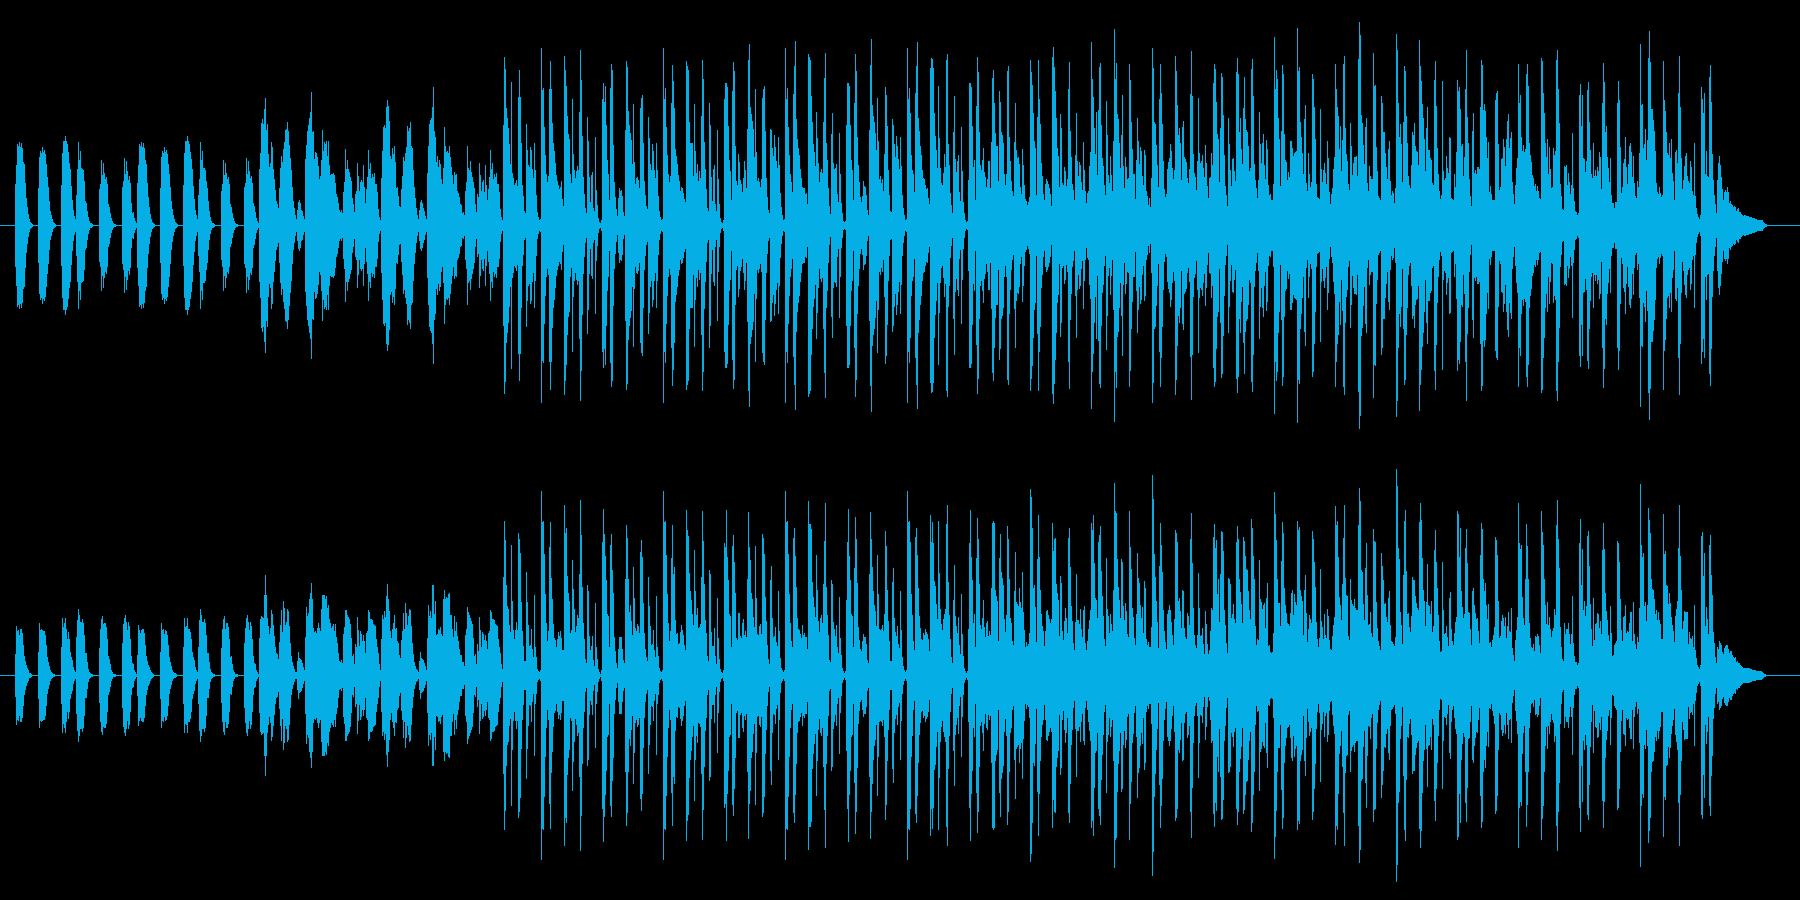 パーカッションで力強さを感じる曲 ピアノの再生済みの波形